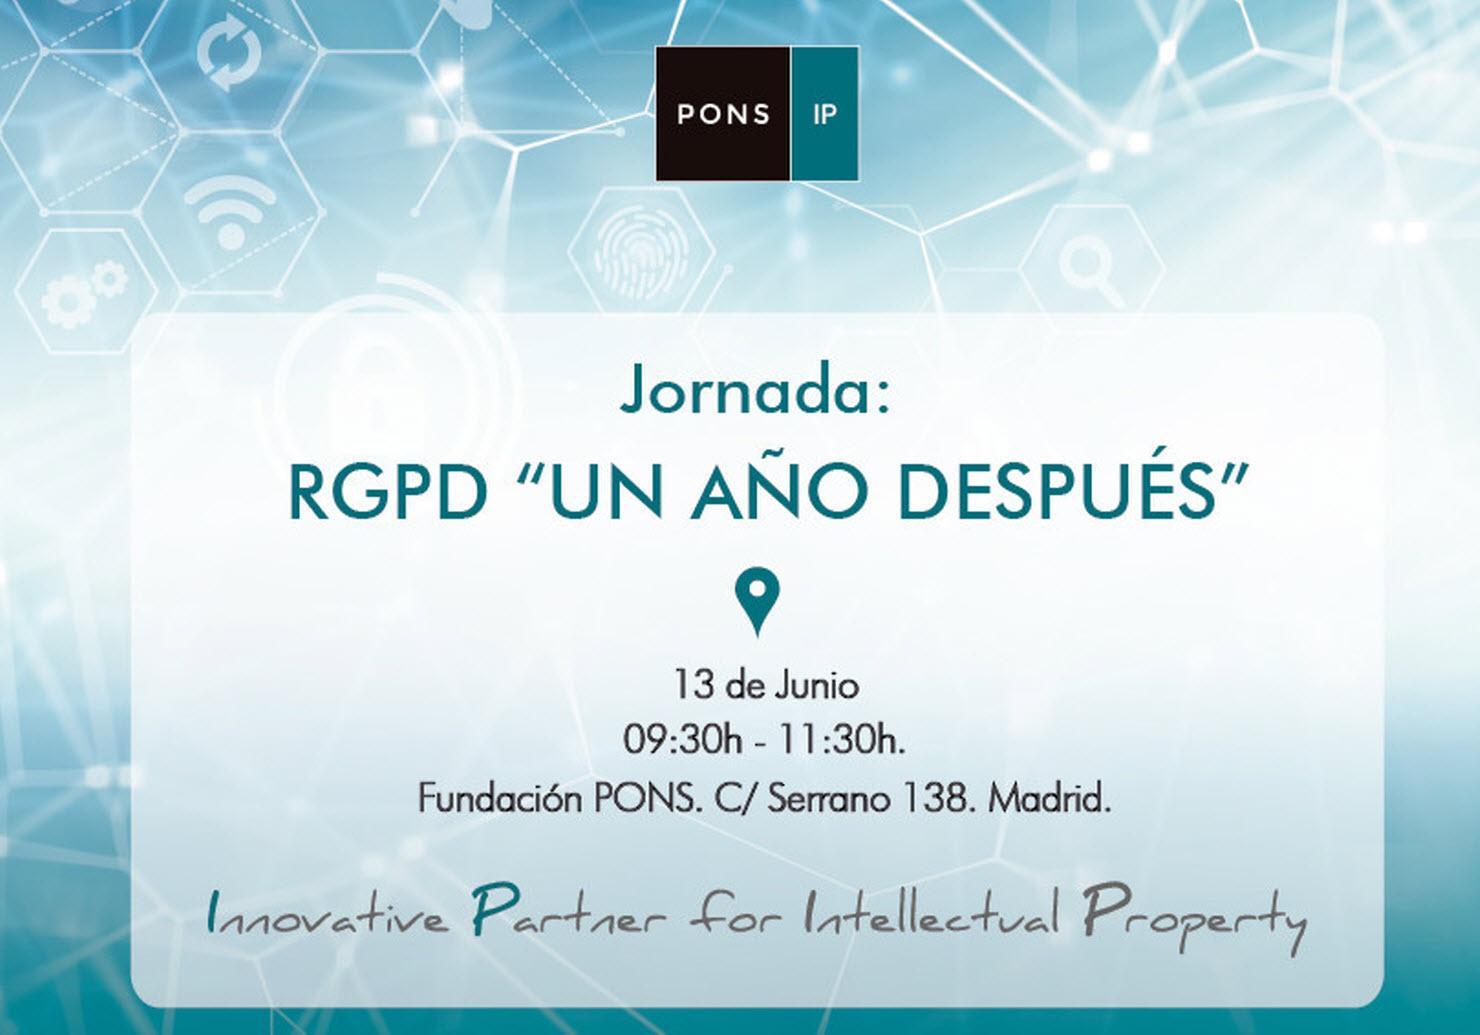 Jornada RGPD